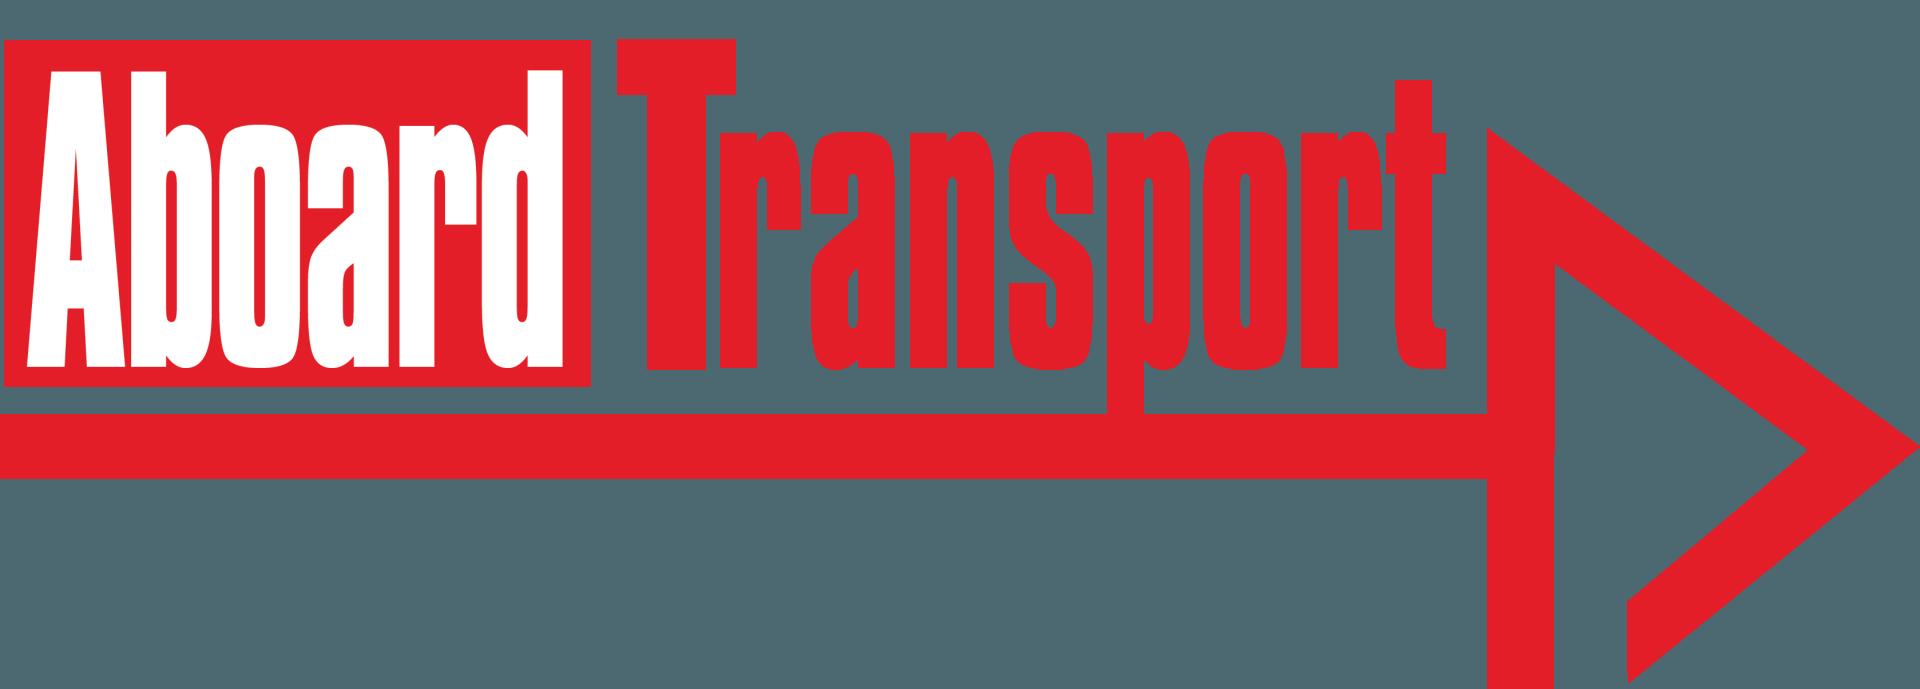 Light Haulage, Transport Company, South Coast based, world